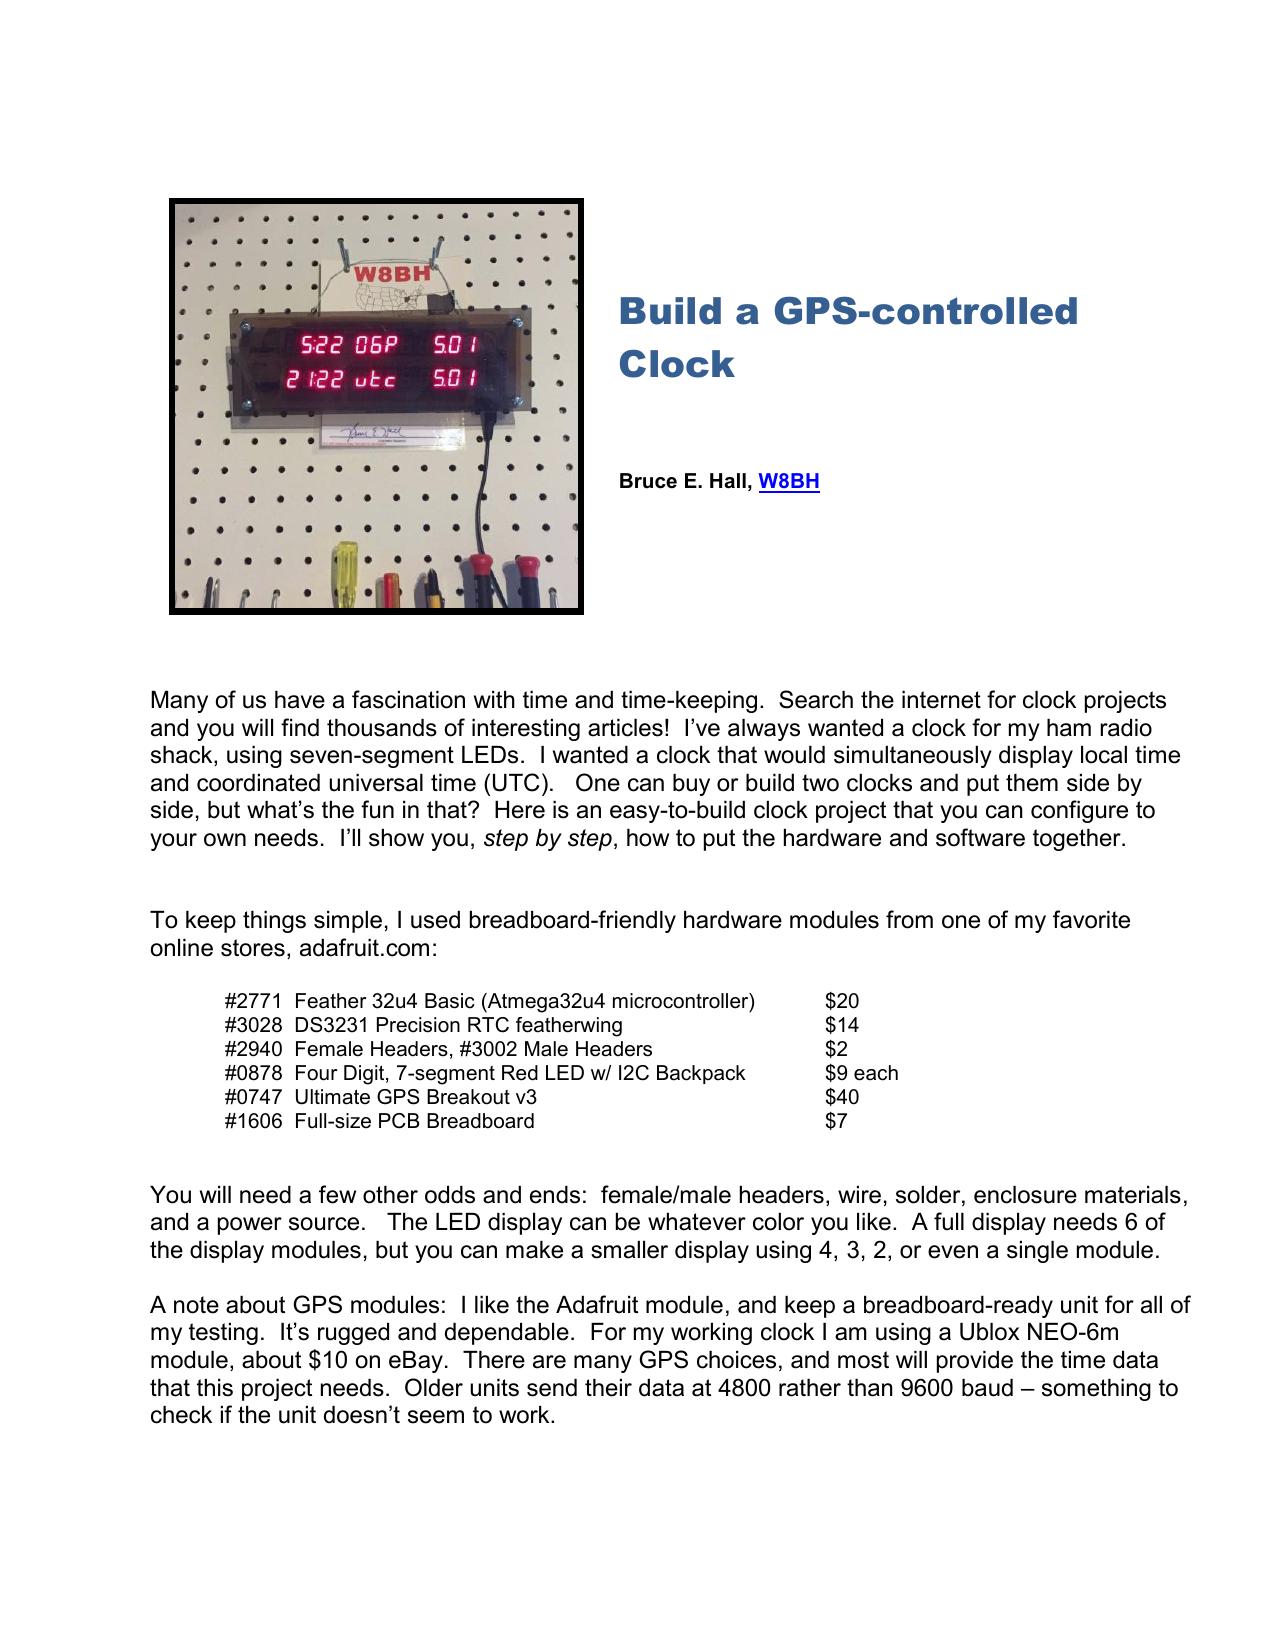 Build a GPS-controlled Clock | manualzz com